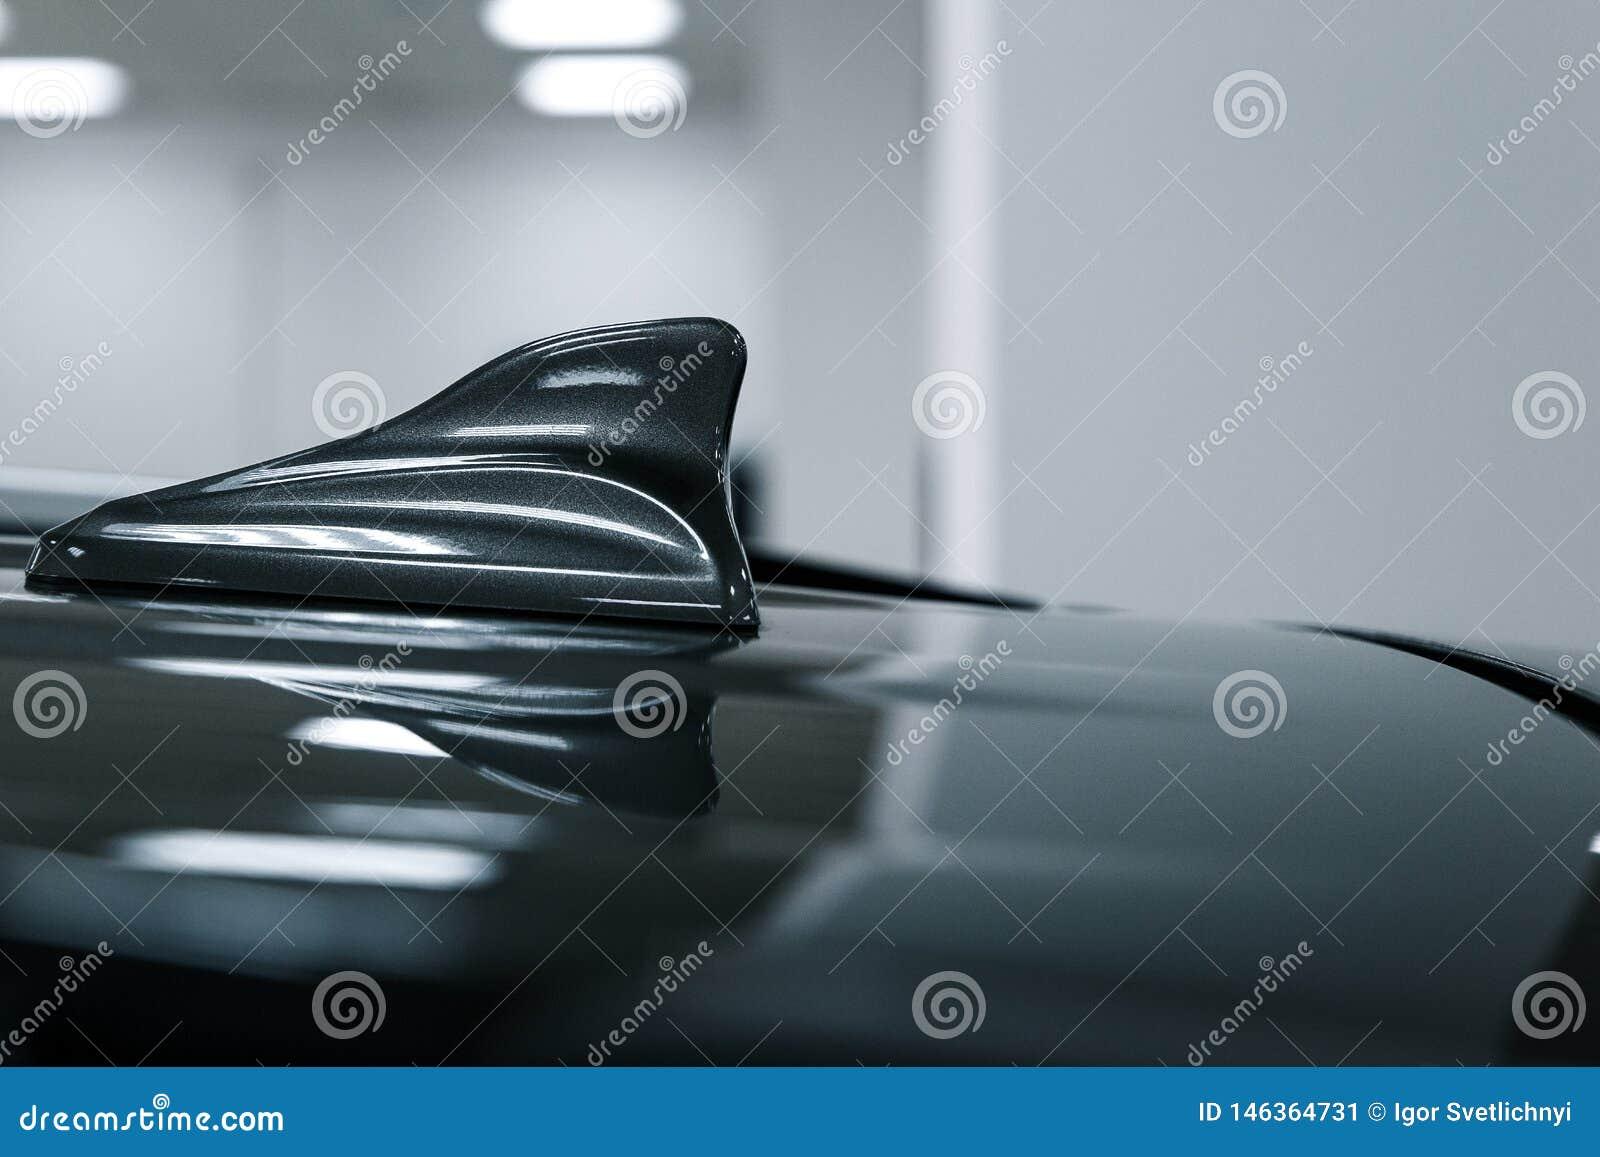 特写镜头GPS天线鲨鱼在汽车屋顶的飞翅形状无线电导航系统的